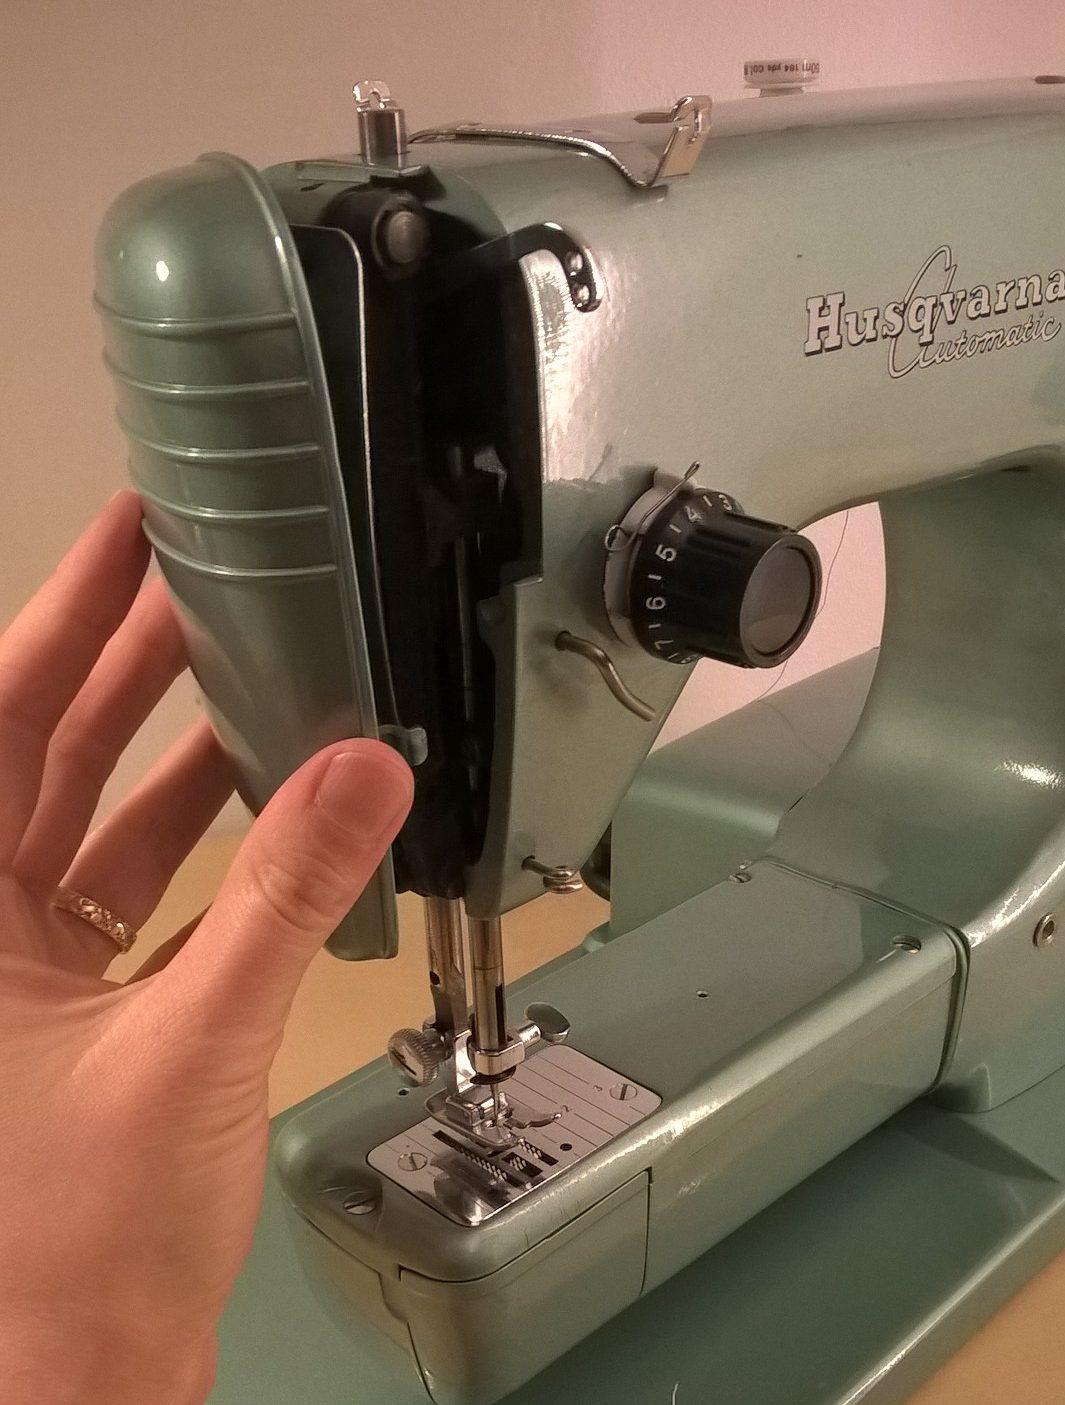 serva symaskin själv